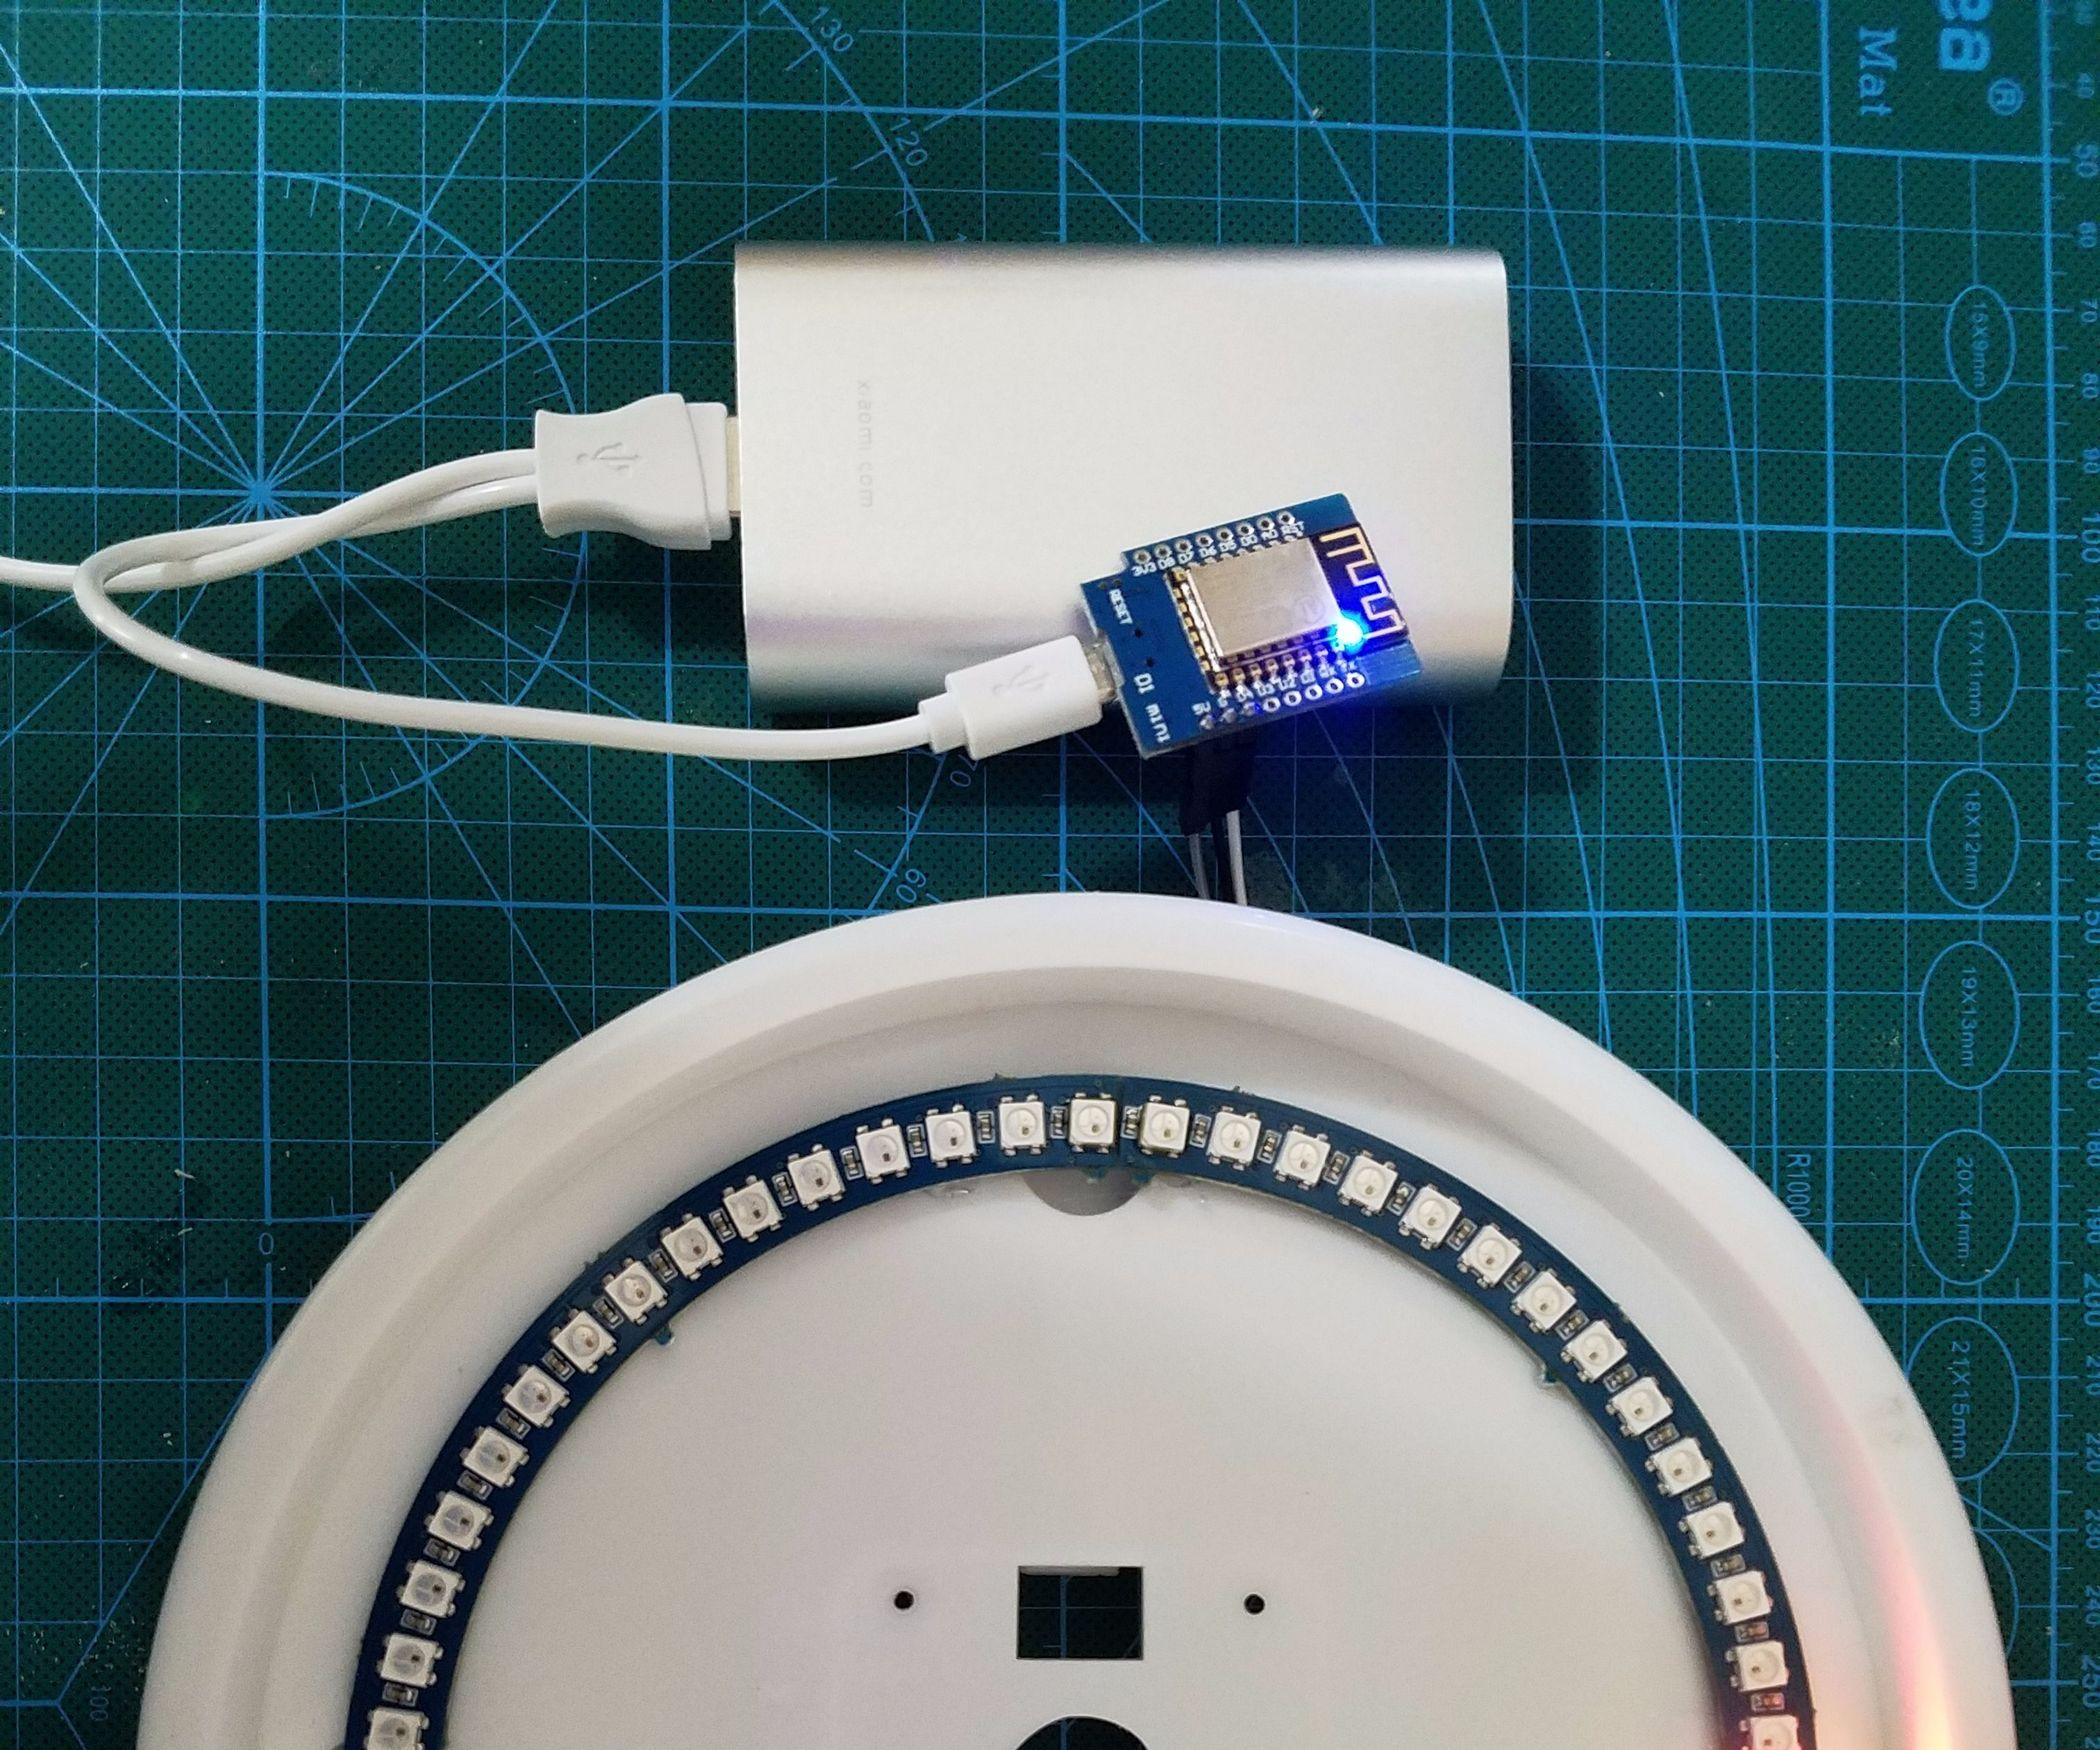 NeoPixel NTP Clock Using ESP8266 | IoT - Arduino / RasPi / NodeMCU